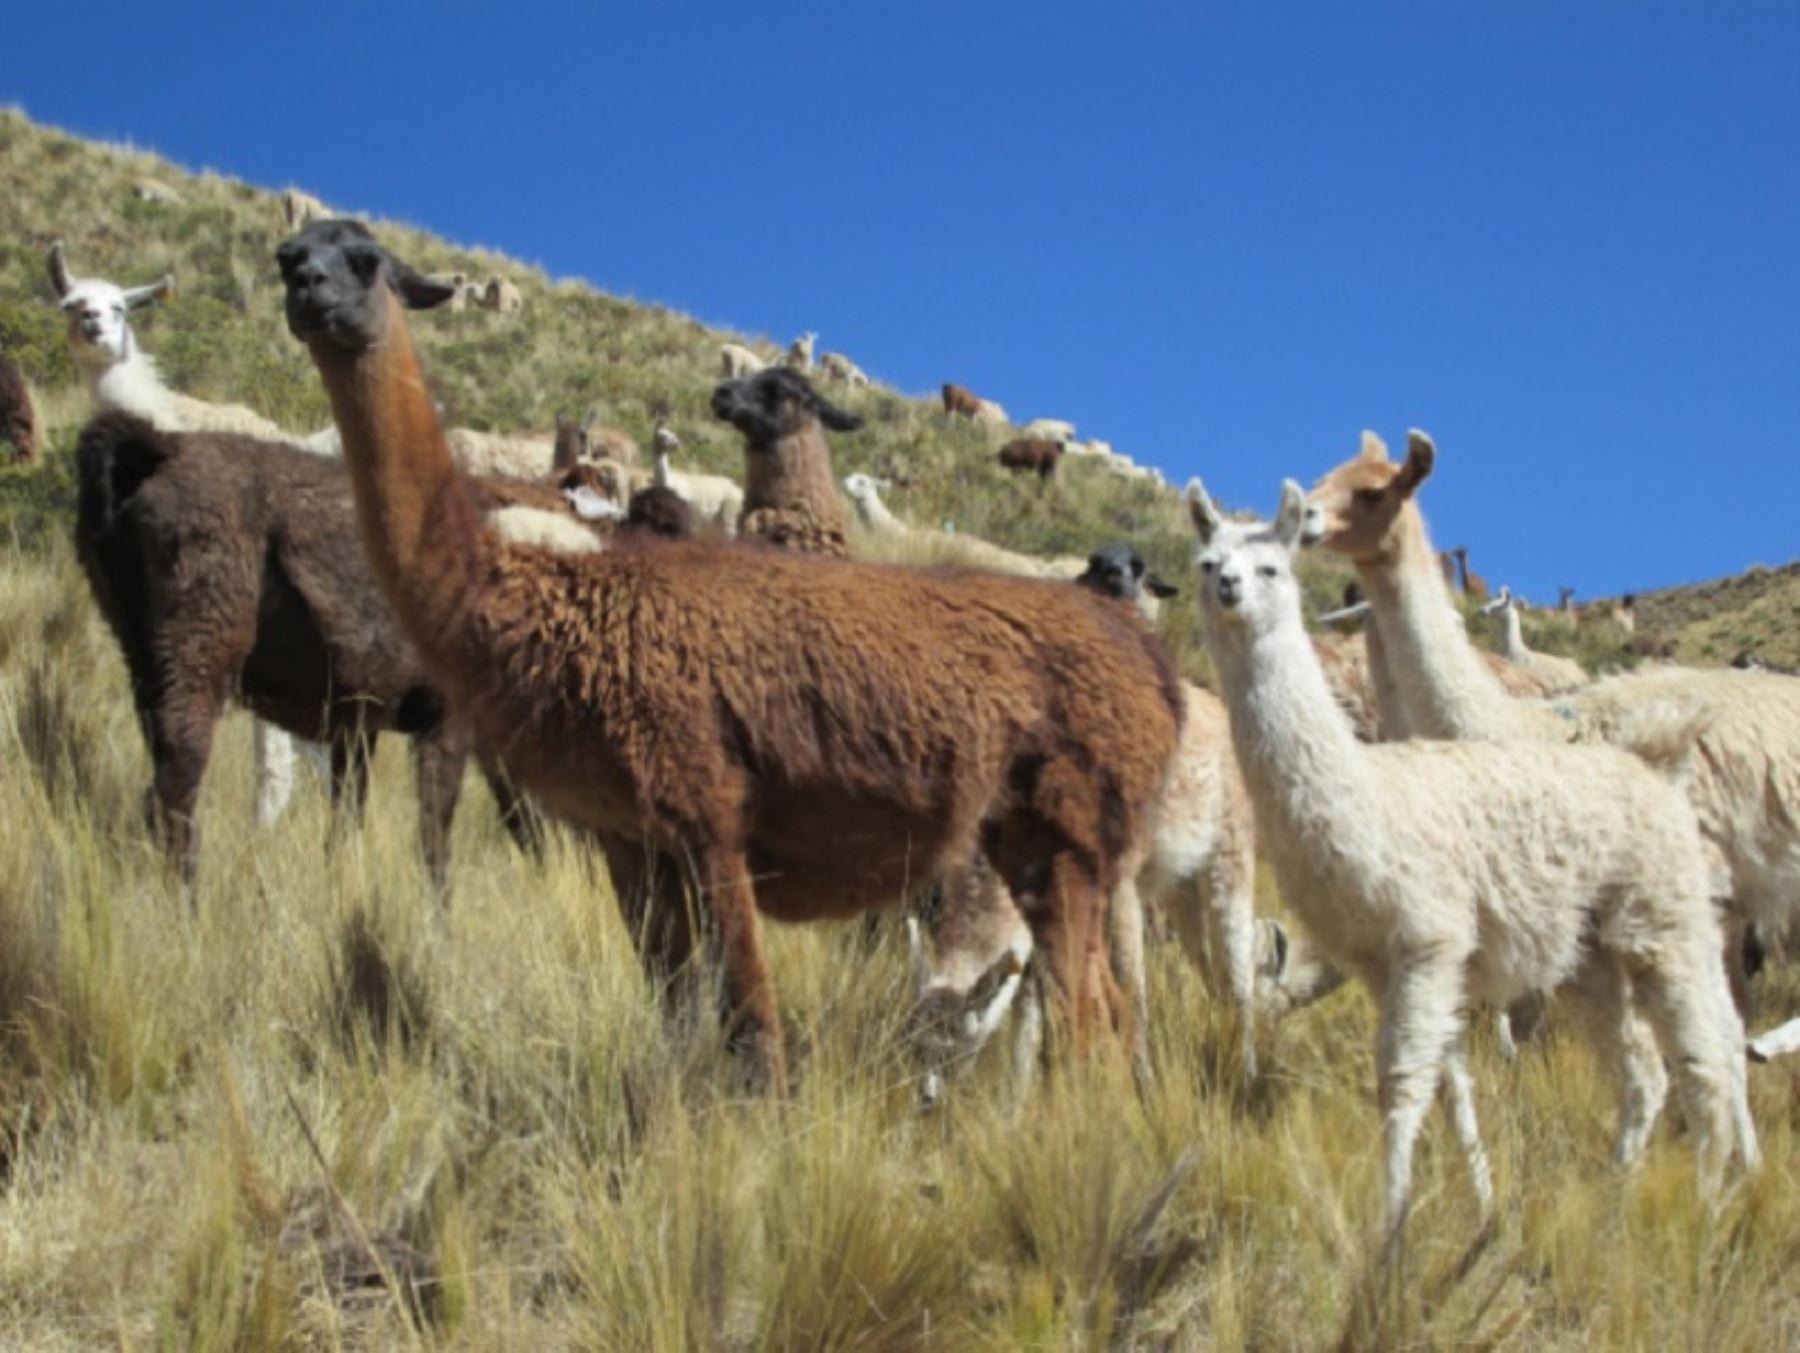 Investigadores del Instituto Nacional de Innovación Agraria (INIA) del Perú han descubierto que la leche de llama, camélido oriundo del Perú, es altamente nutritiva y supera, por ejemplo, en proteínas a la leche de vaca. Foto: INIA